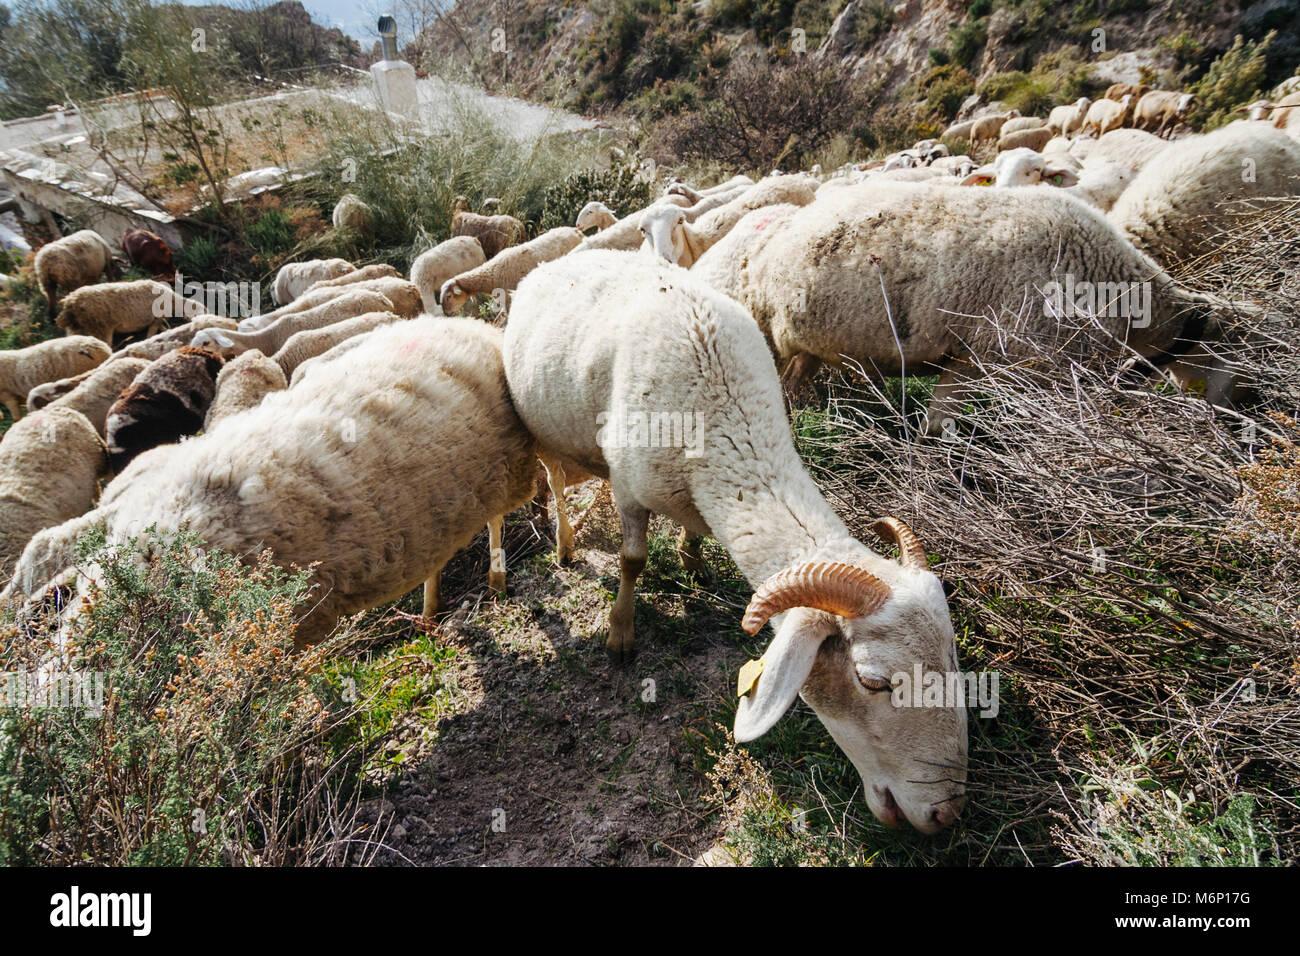 Las cabras y ovejas pastando en un cortijo andaluz casa rural en las montañas de Sierra Nevada. Las Alpujarras, Imagen De Stock